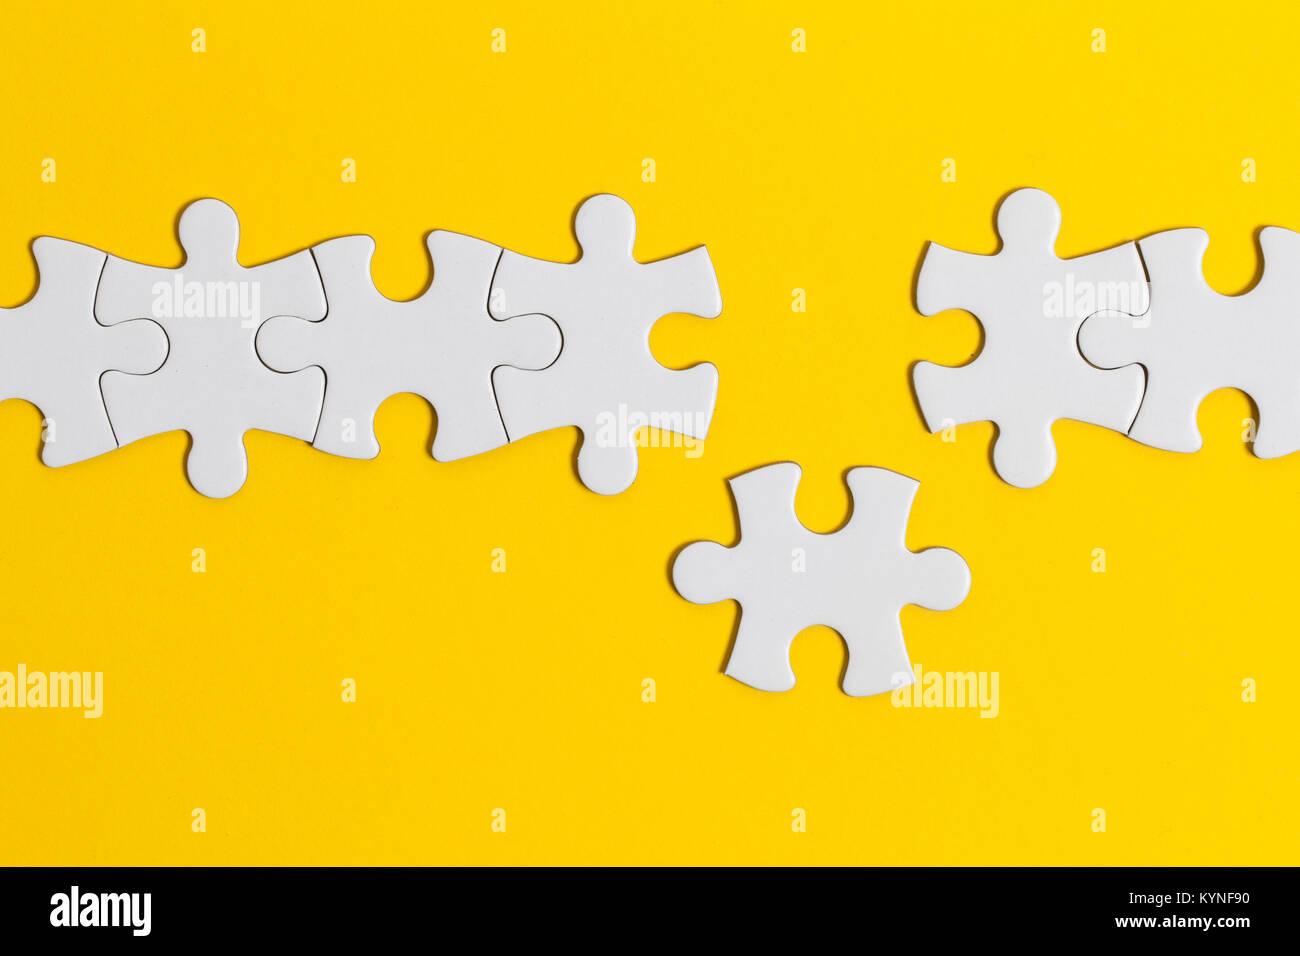 Las piezas de un rompecabezas blanco sobre un fondo amarillo. Concepto de Solución empresarial Foto de stock